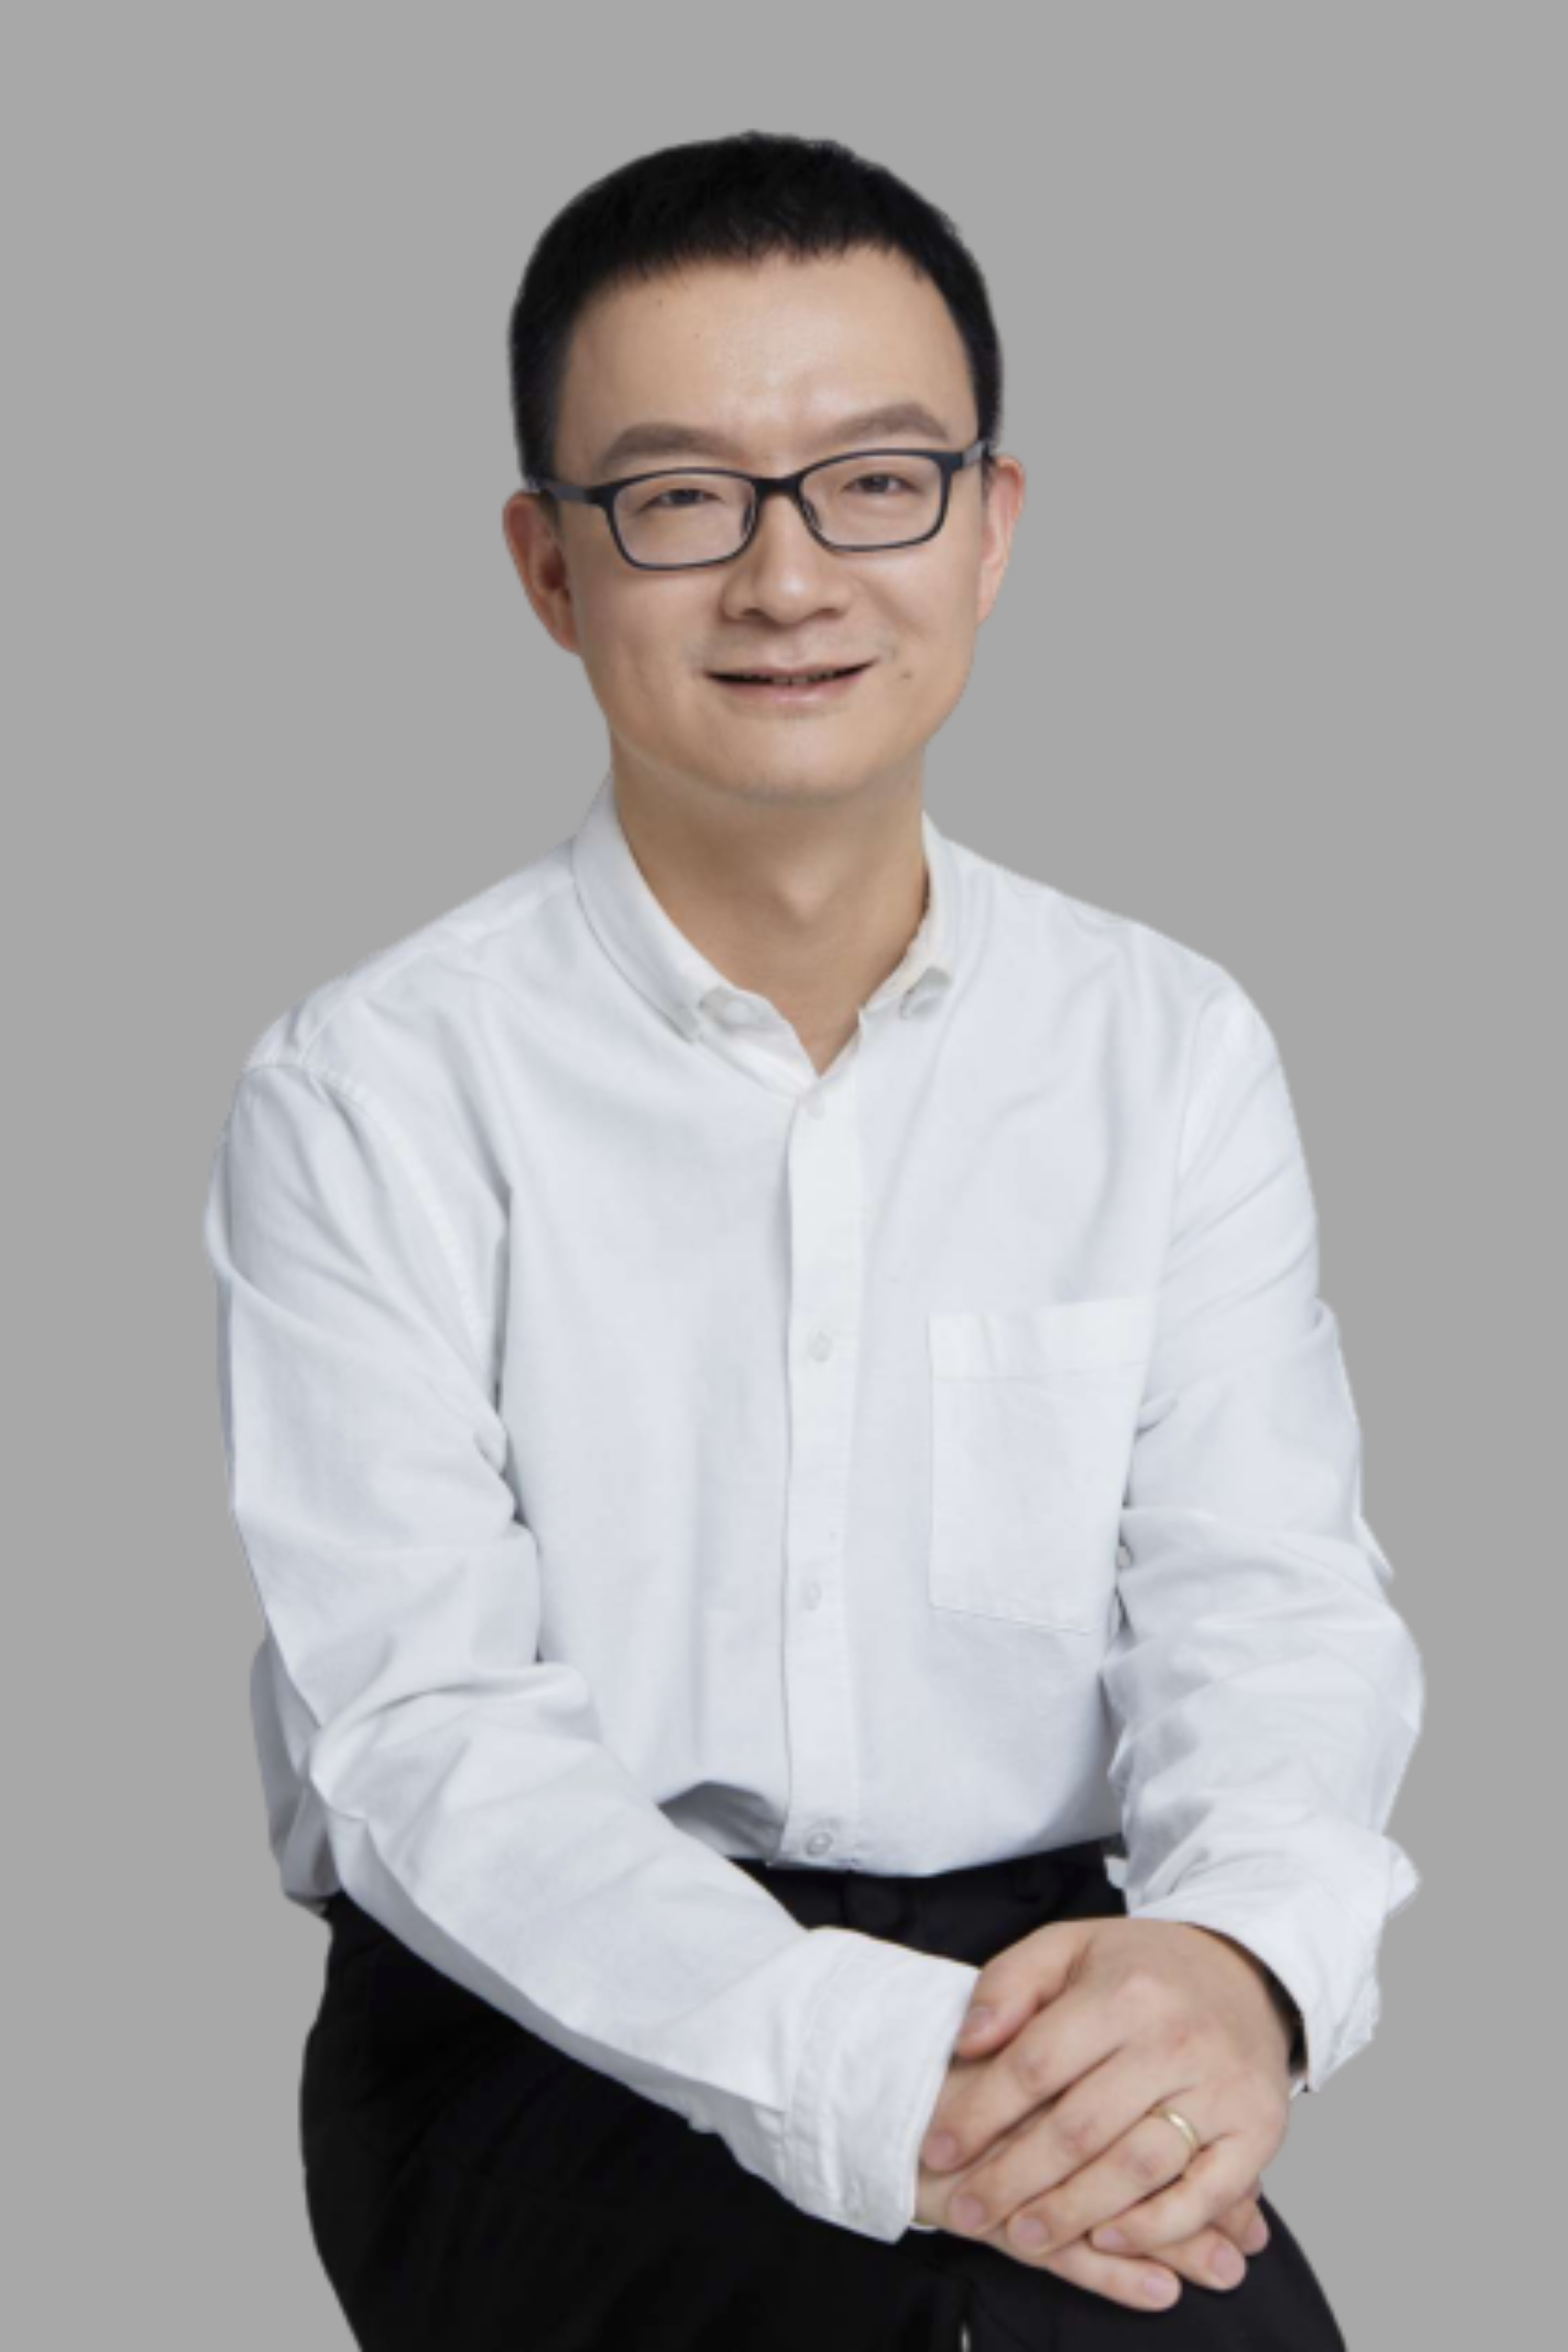 王立铭 清华大学天体物理硕士、经济学博士 童行学院联合创始人